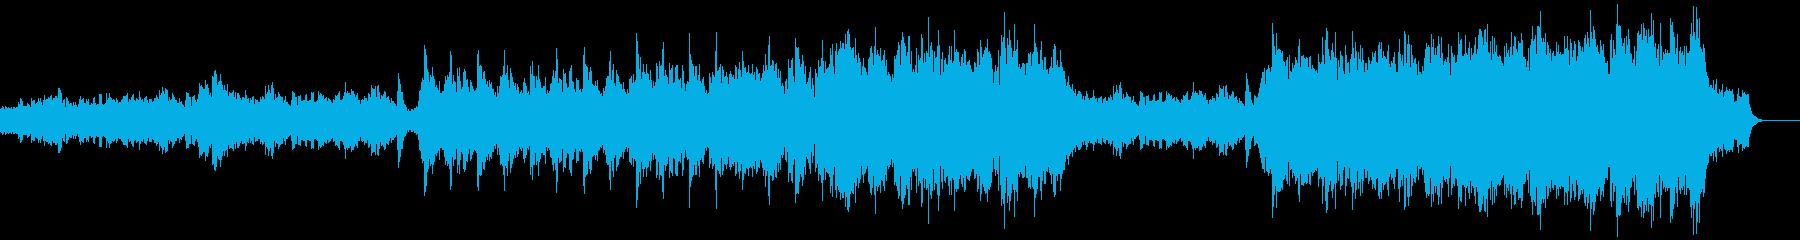 ドラムがかっこいい映画のトレーラー風の再生済みの波形